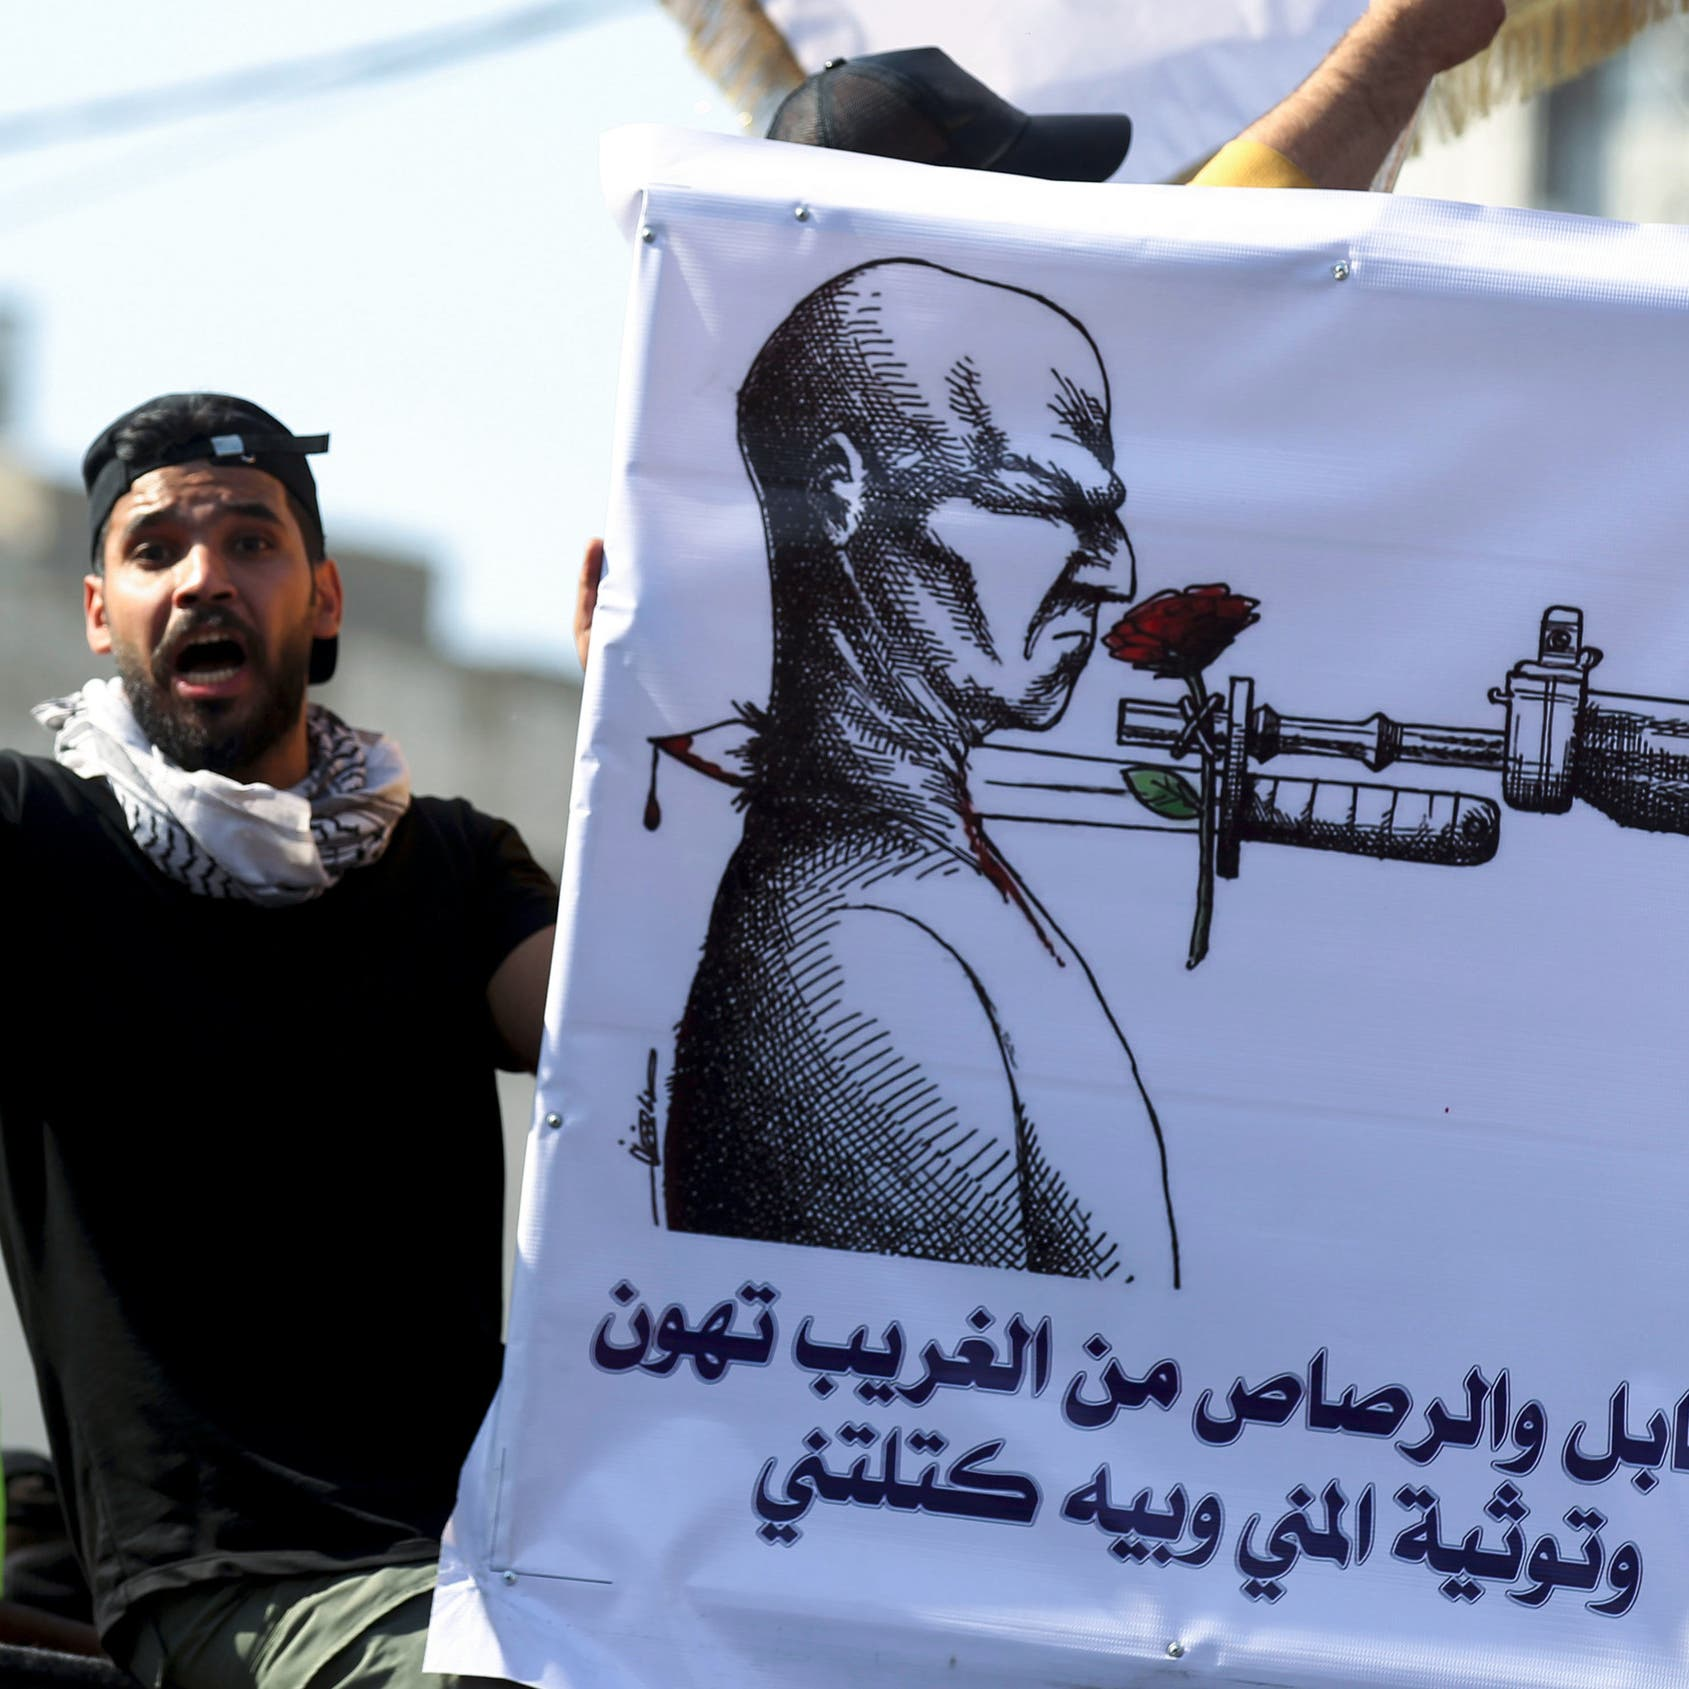 رصاص غدر بوجه ناشطين.. وإقالة قائد شرطة البصرة